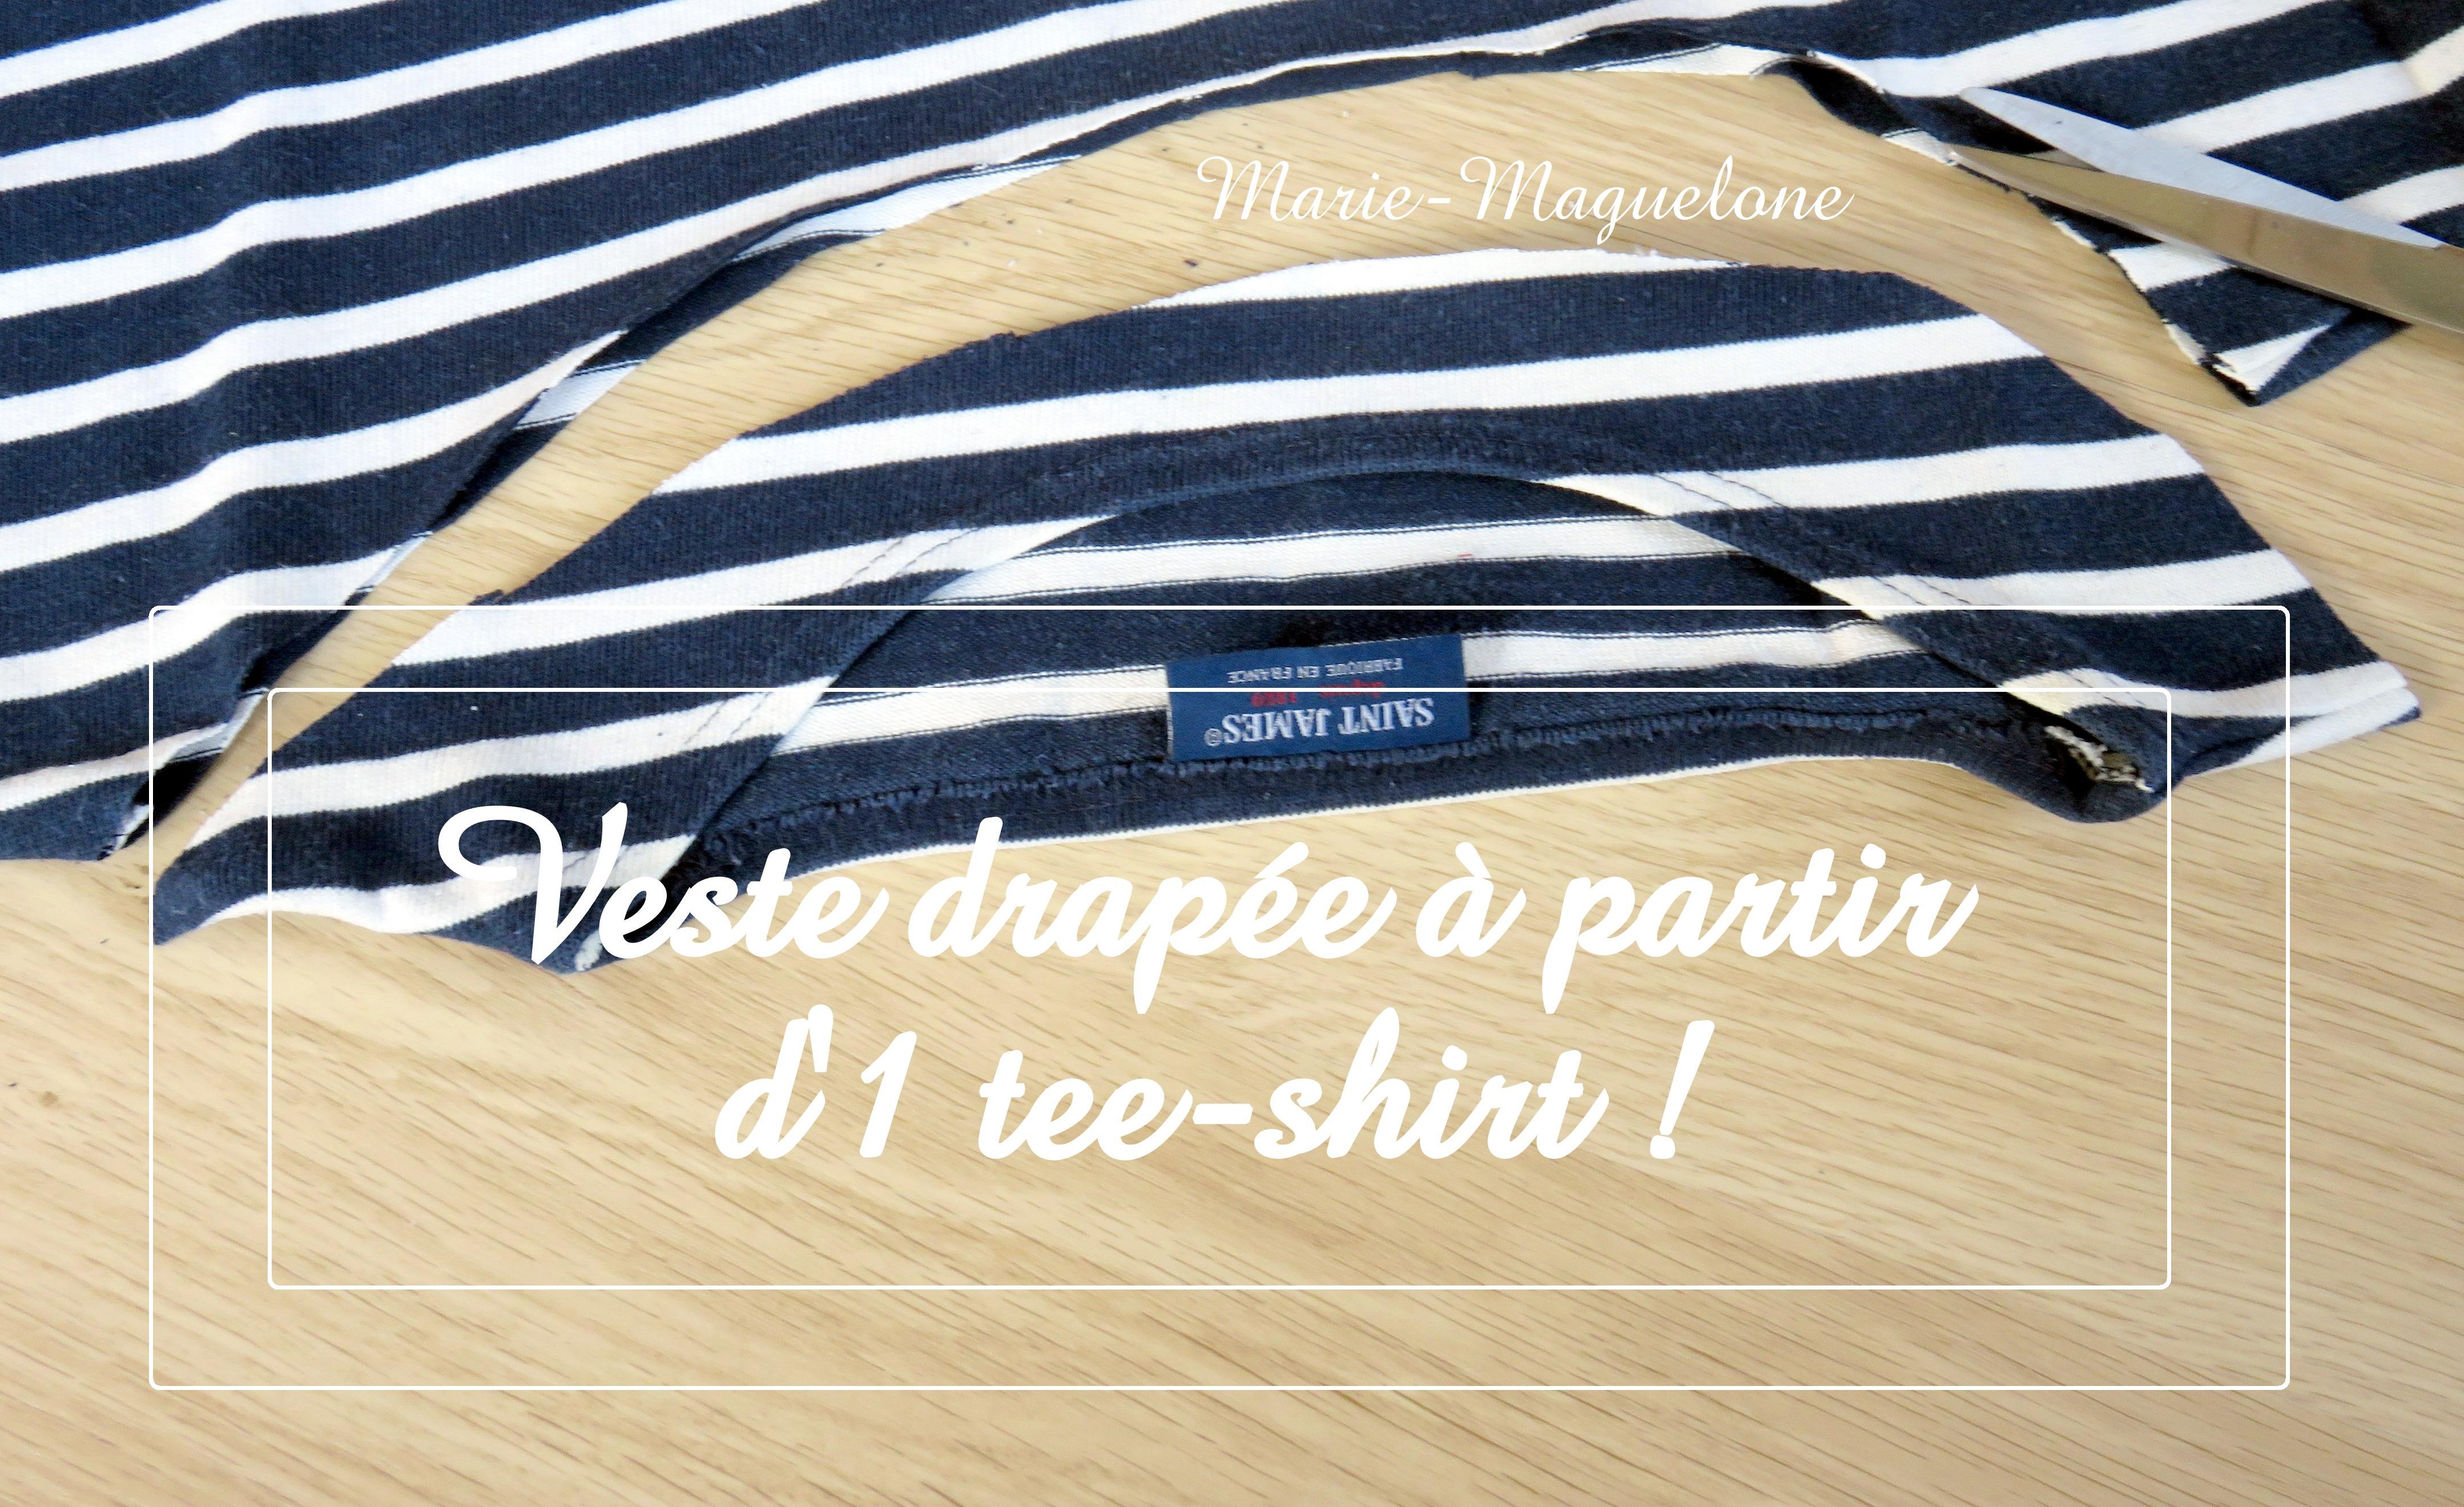 UpCycling : une veste drapée à partir d'1 tee-shirt !